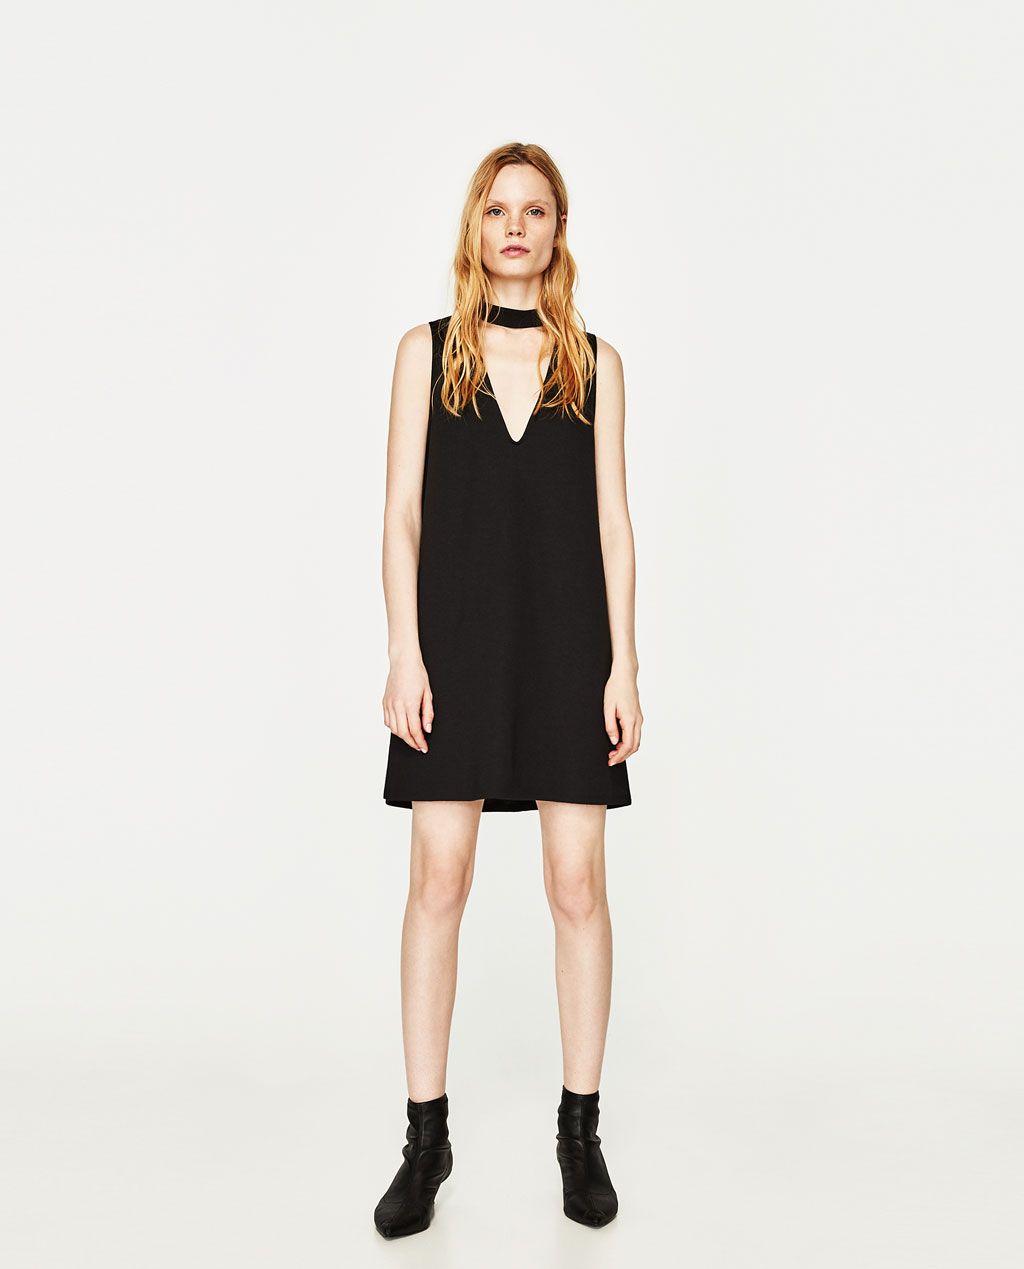 Vestido negro zara trf